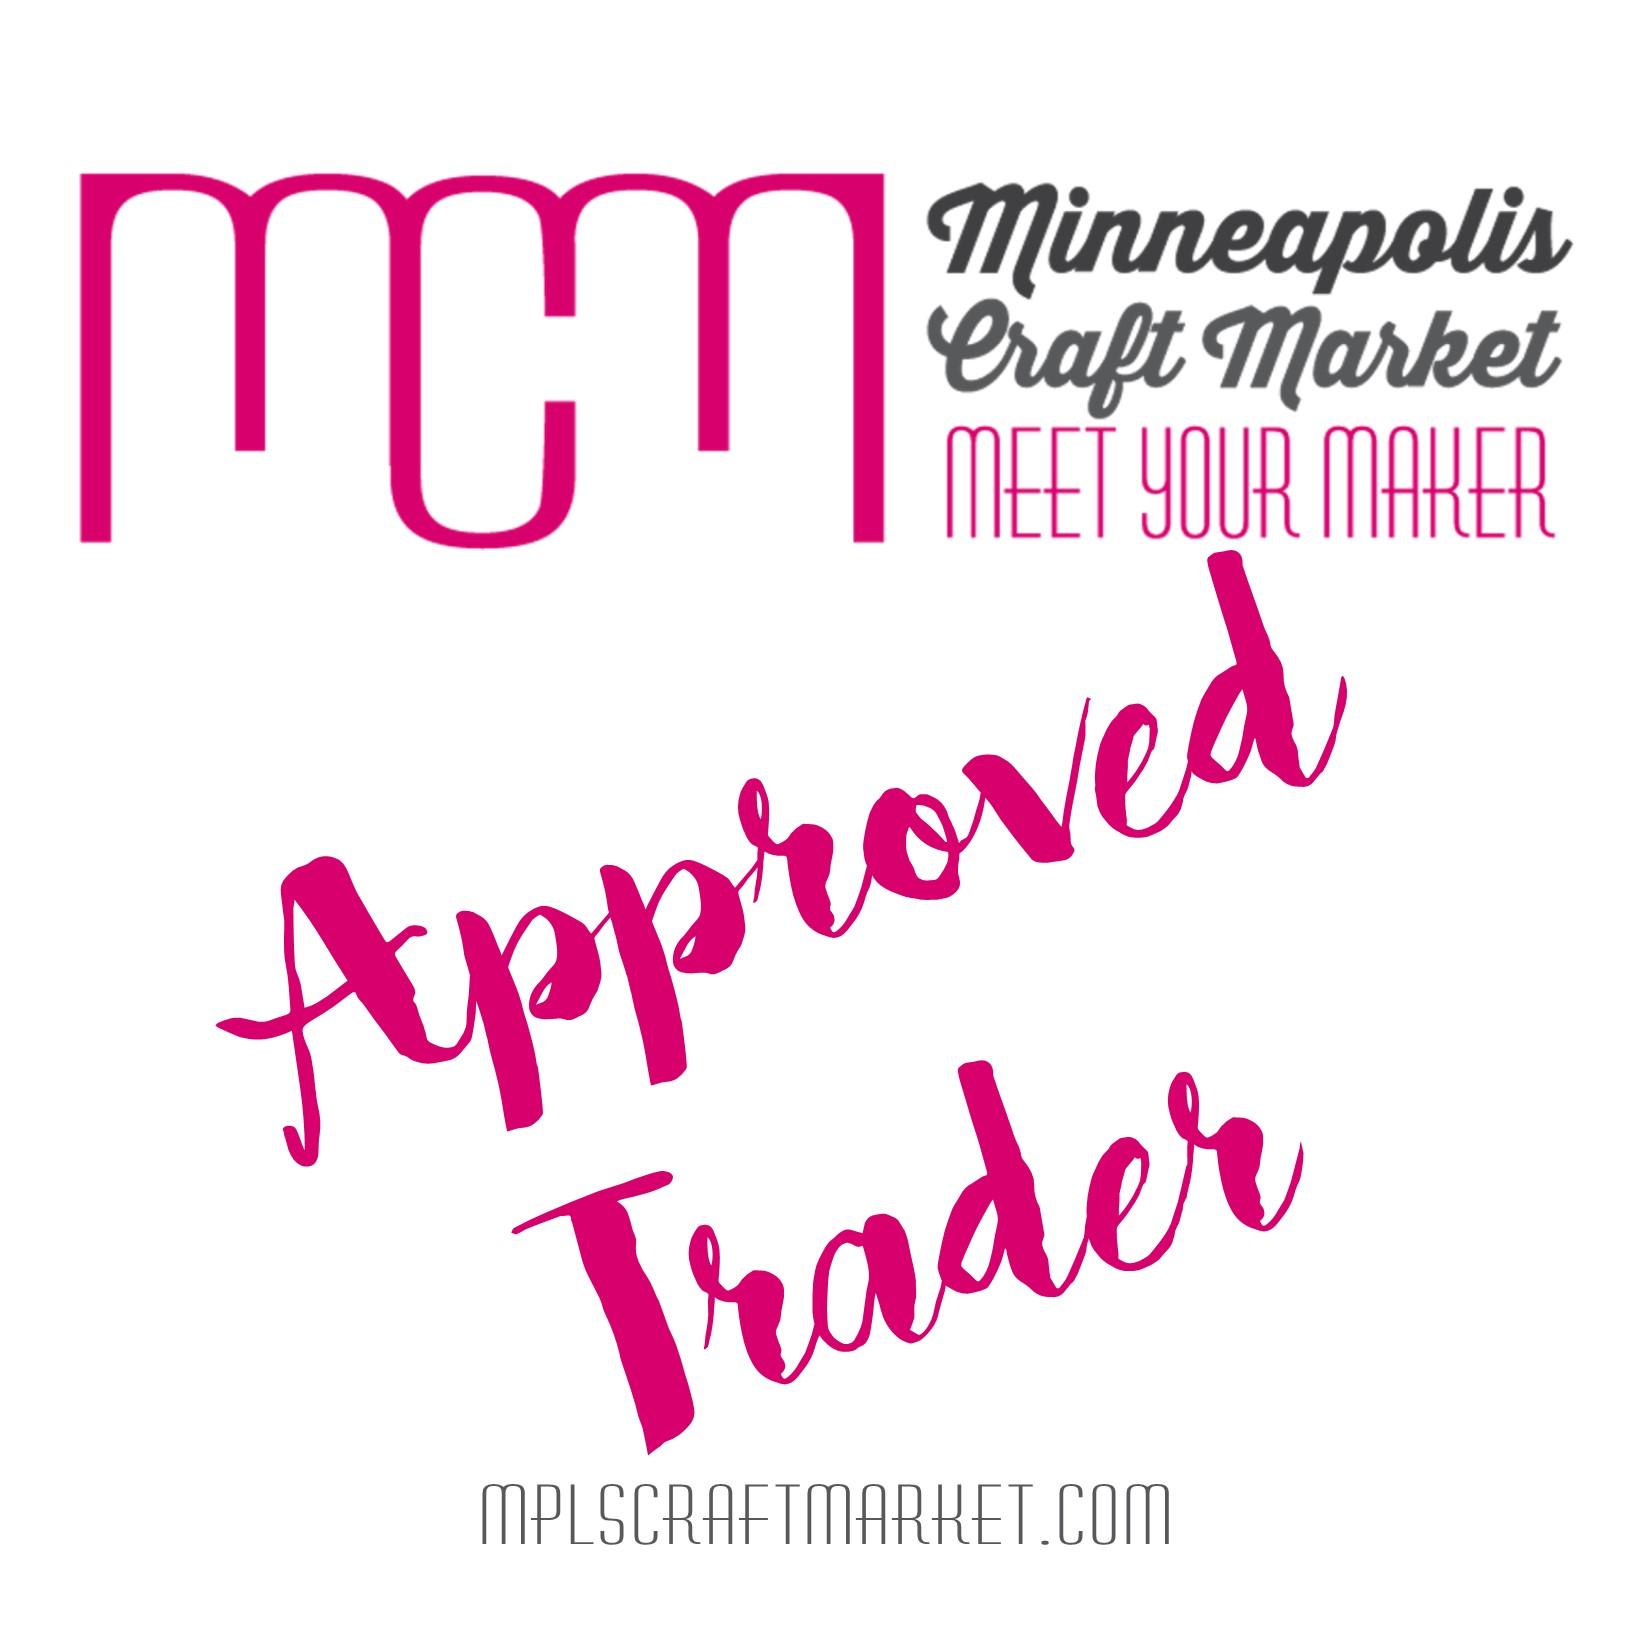 2017-09-01-MCM Approved Trader Badge 042016.jpg